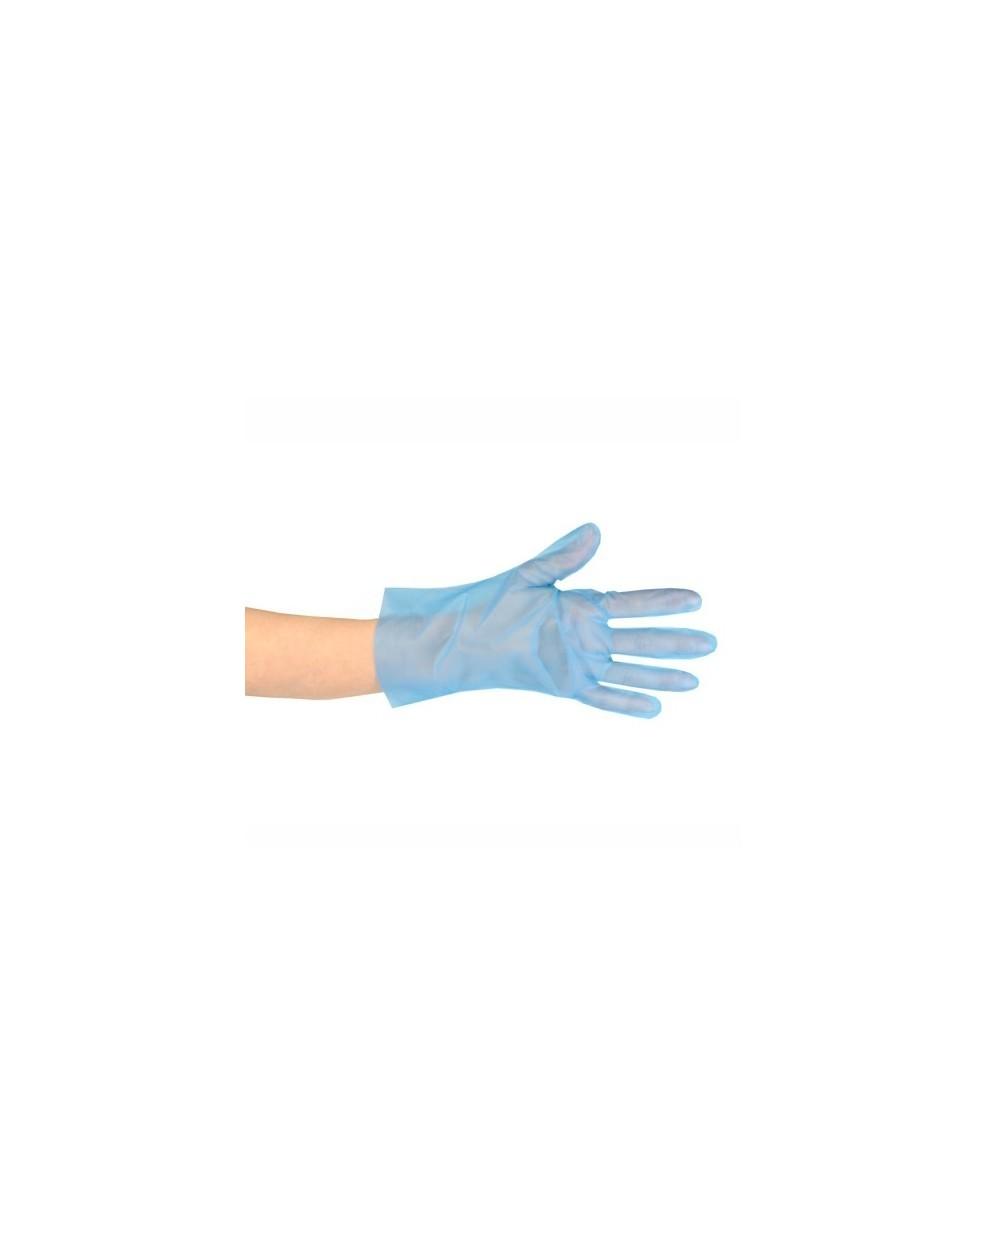 Gants TPE, bleu - taille uniqueCarton de 10 boîtes de 200 gants